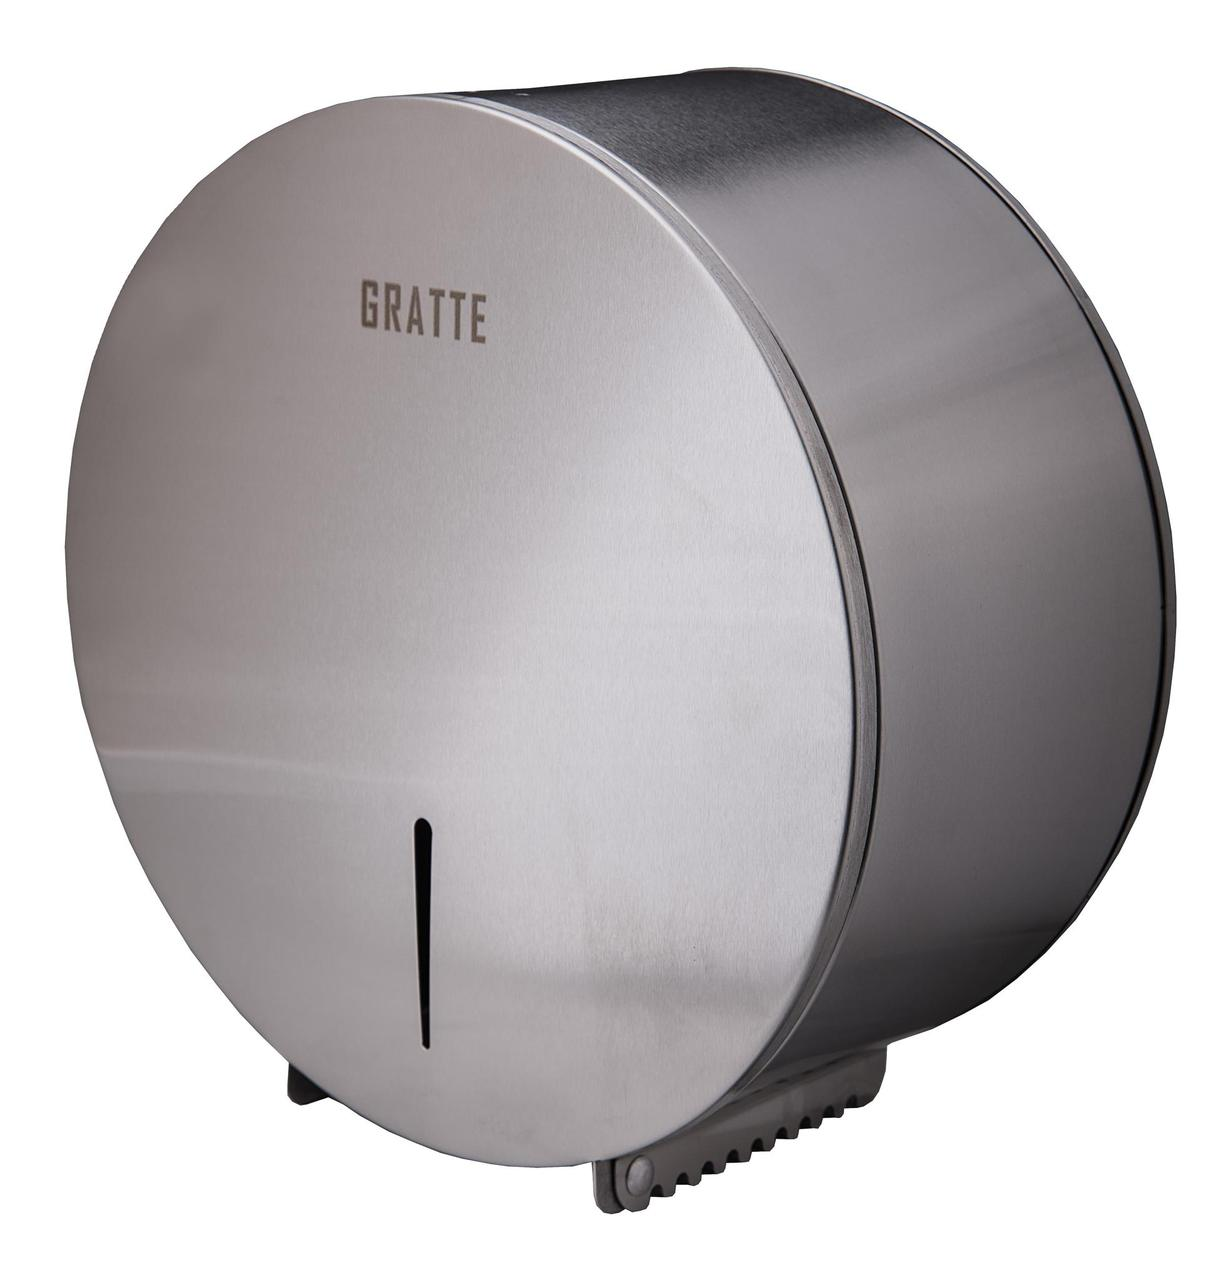 Диспенсер для туалетной бумаги антивандальный GRATTE TM-350